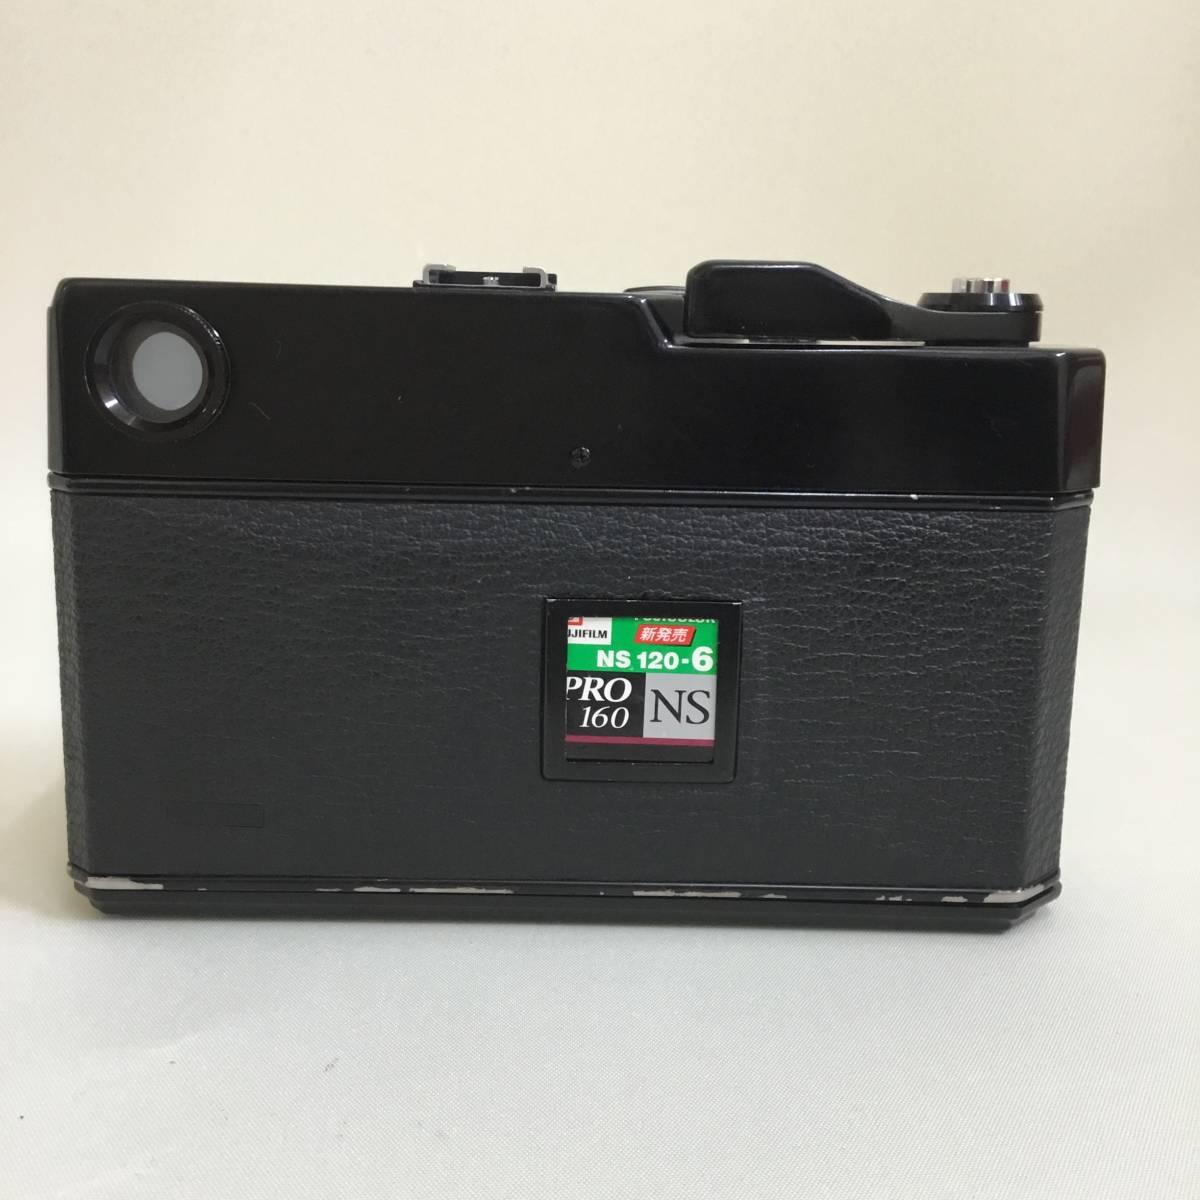 FUJICA 6×9 Professional GW690 EBC FUJINON 1:3.5 f=90mm (IL553)